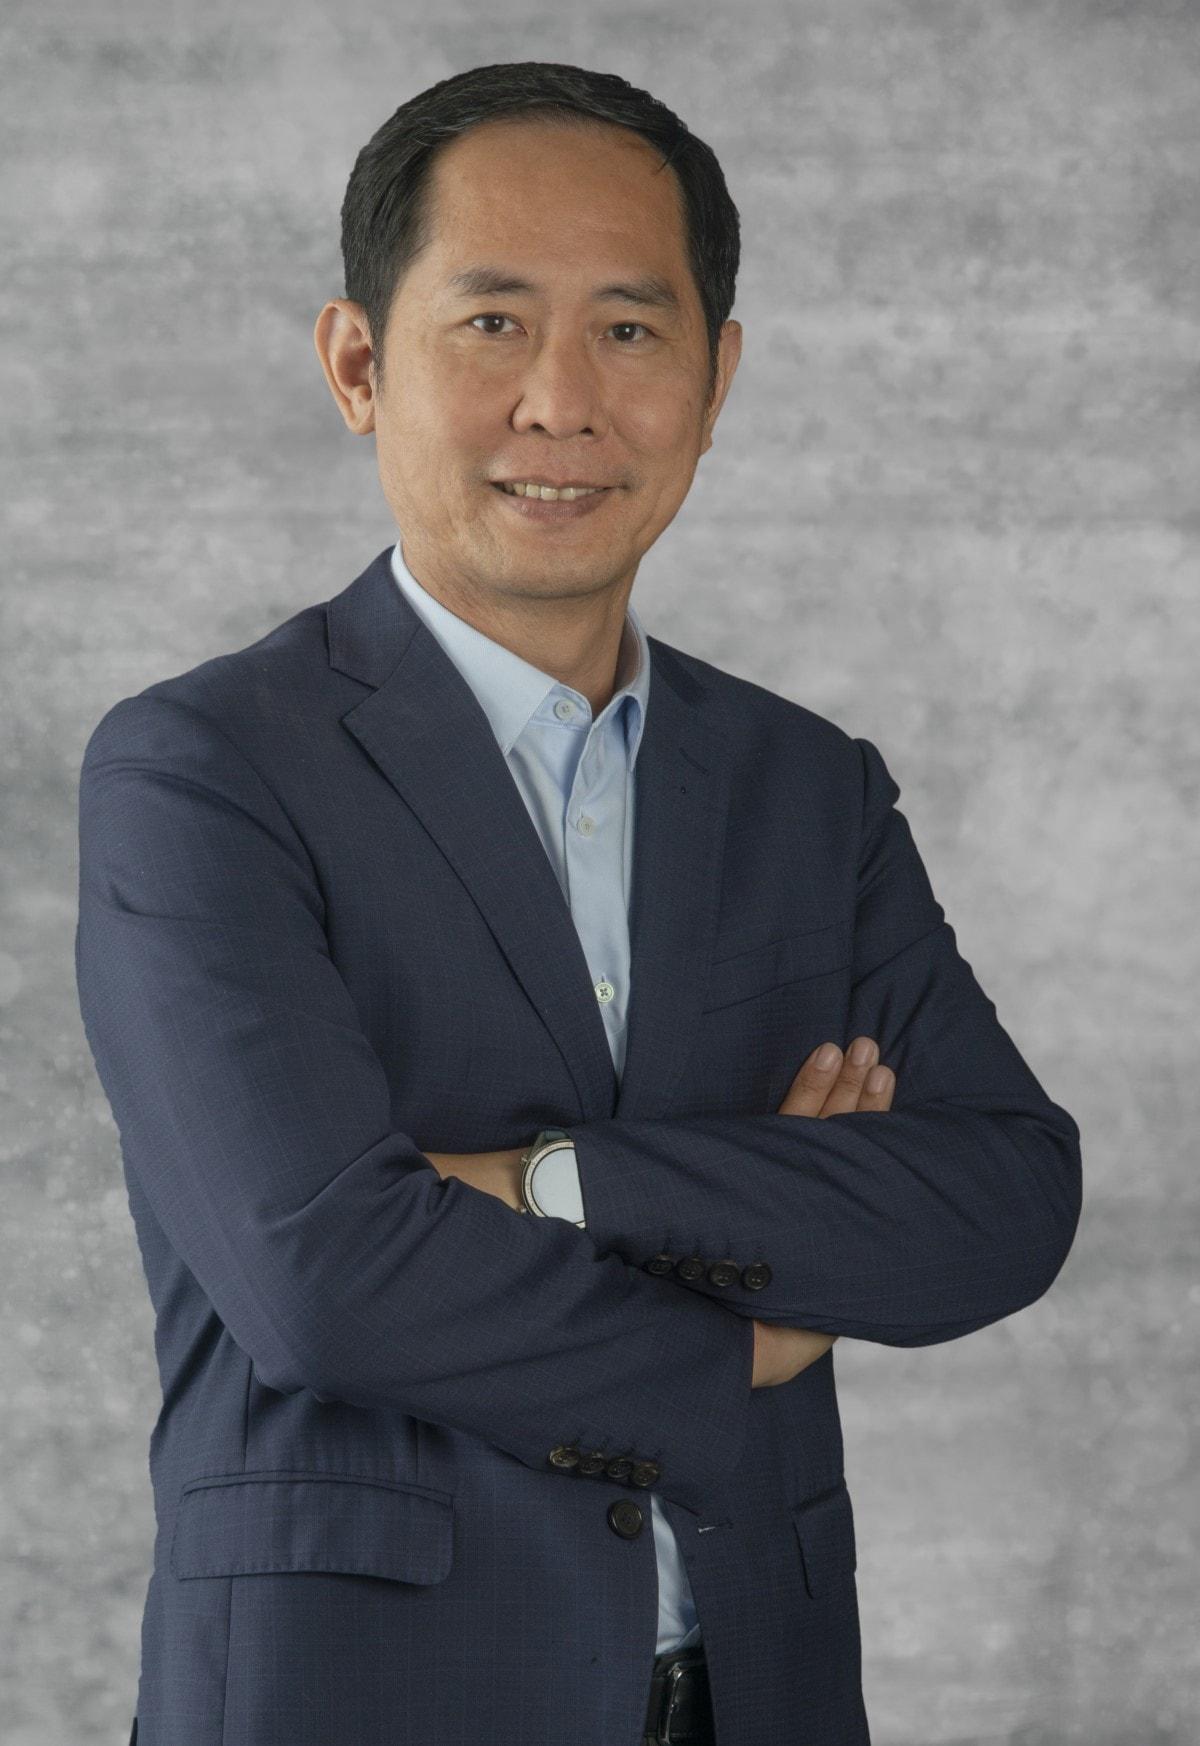 Bin Li PMI Chief Product Officer